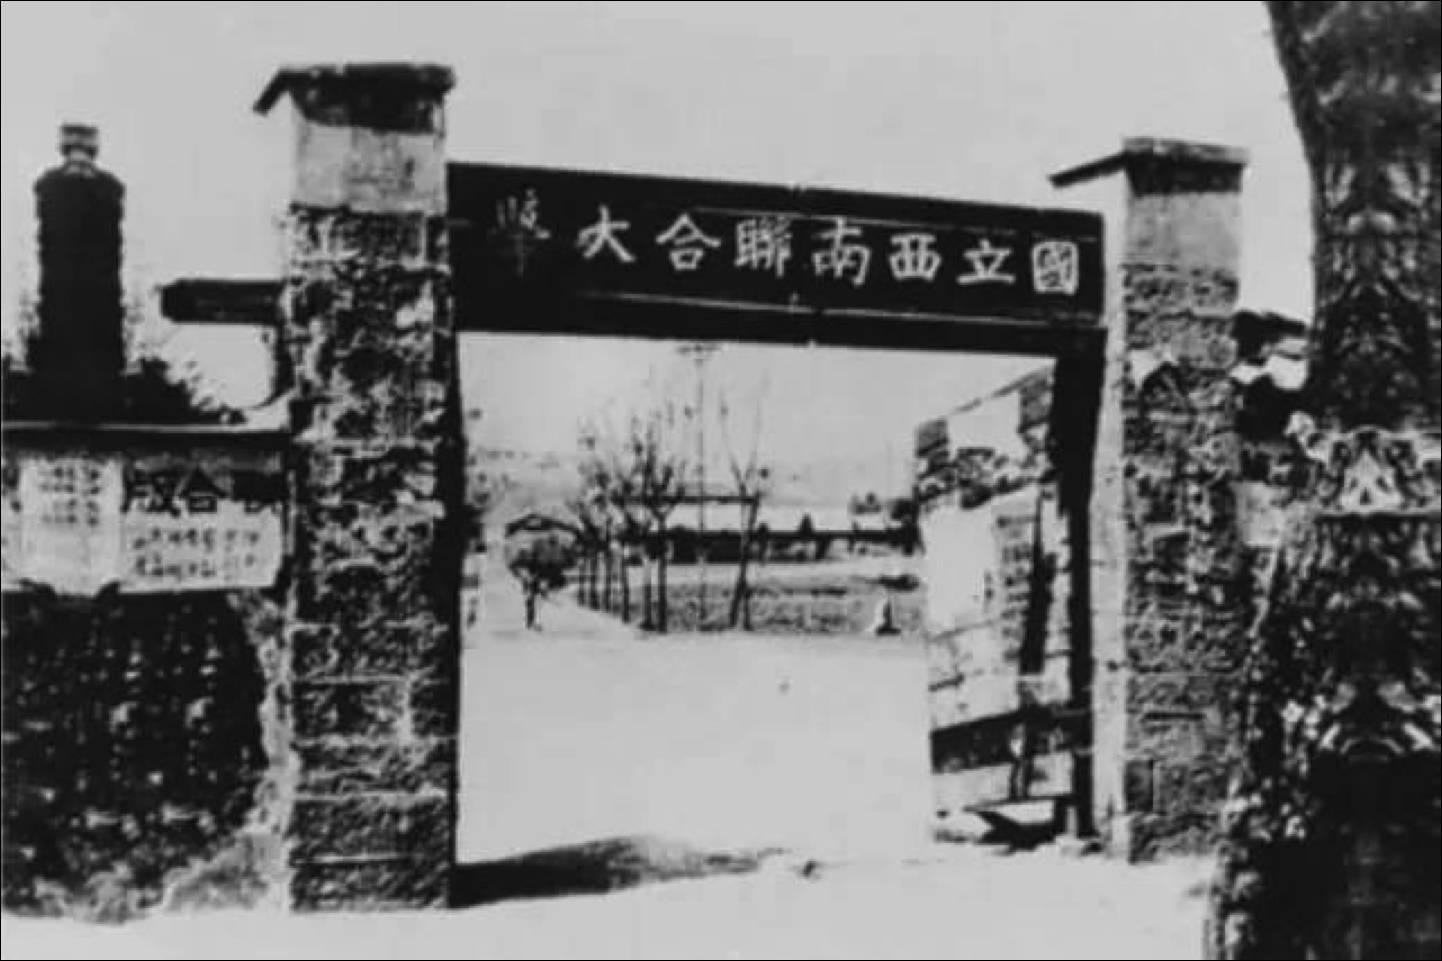 这座大学只存在了8年,却是中国高等教育的巅峰